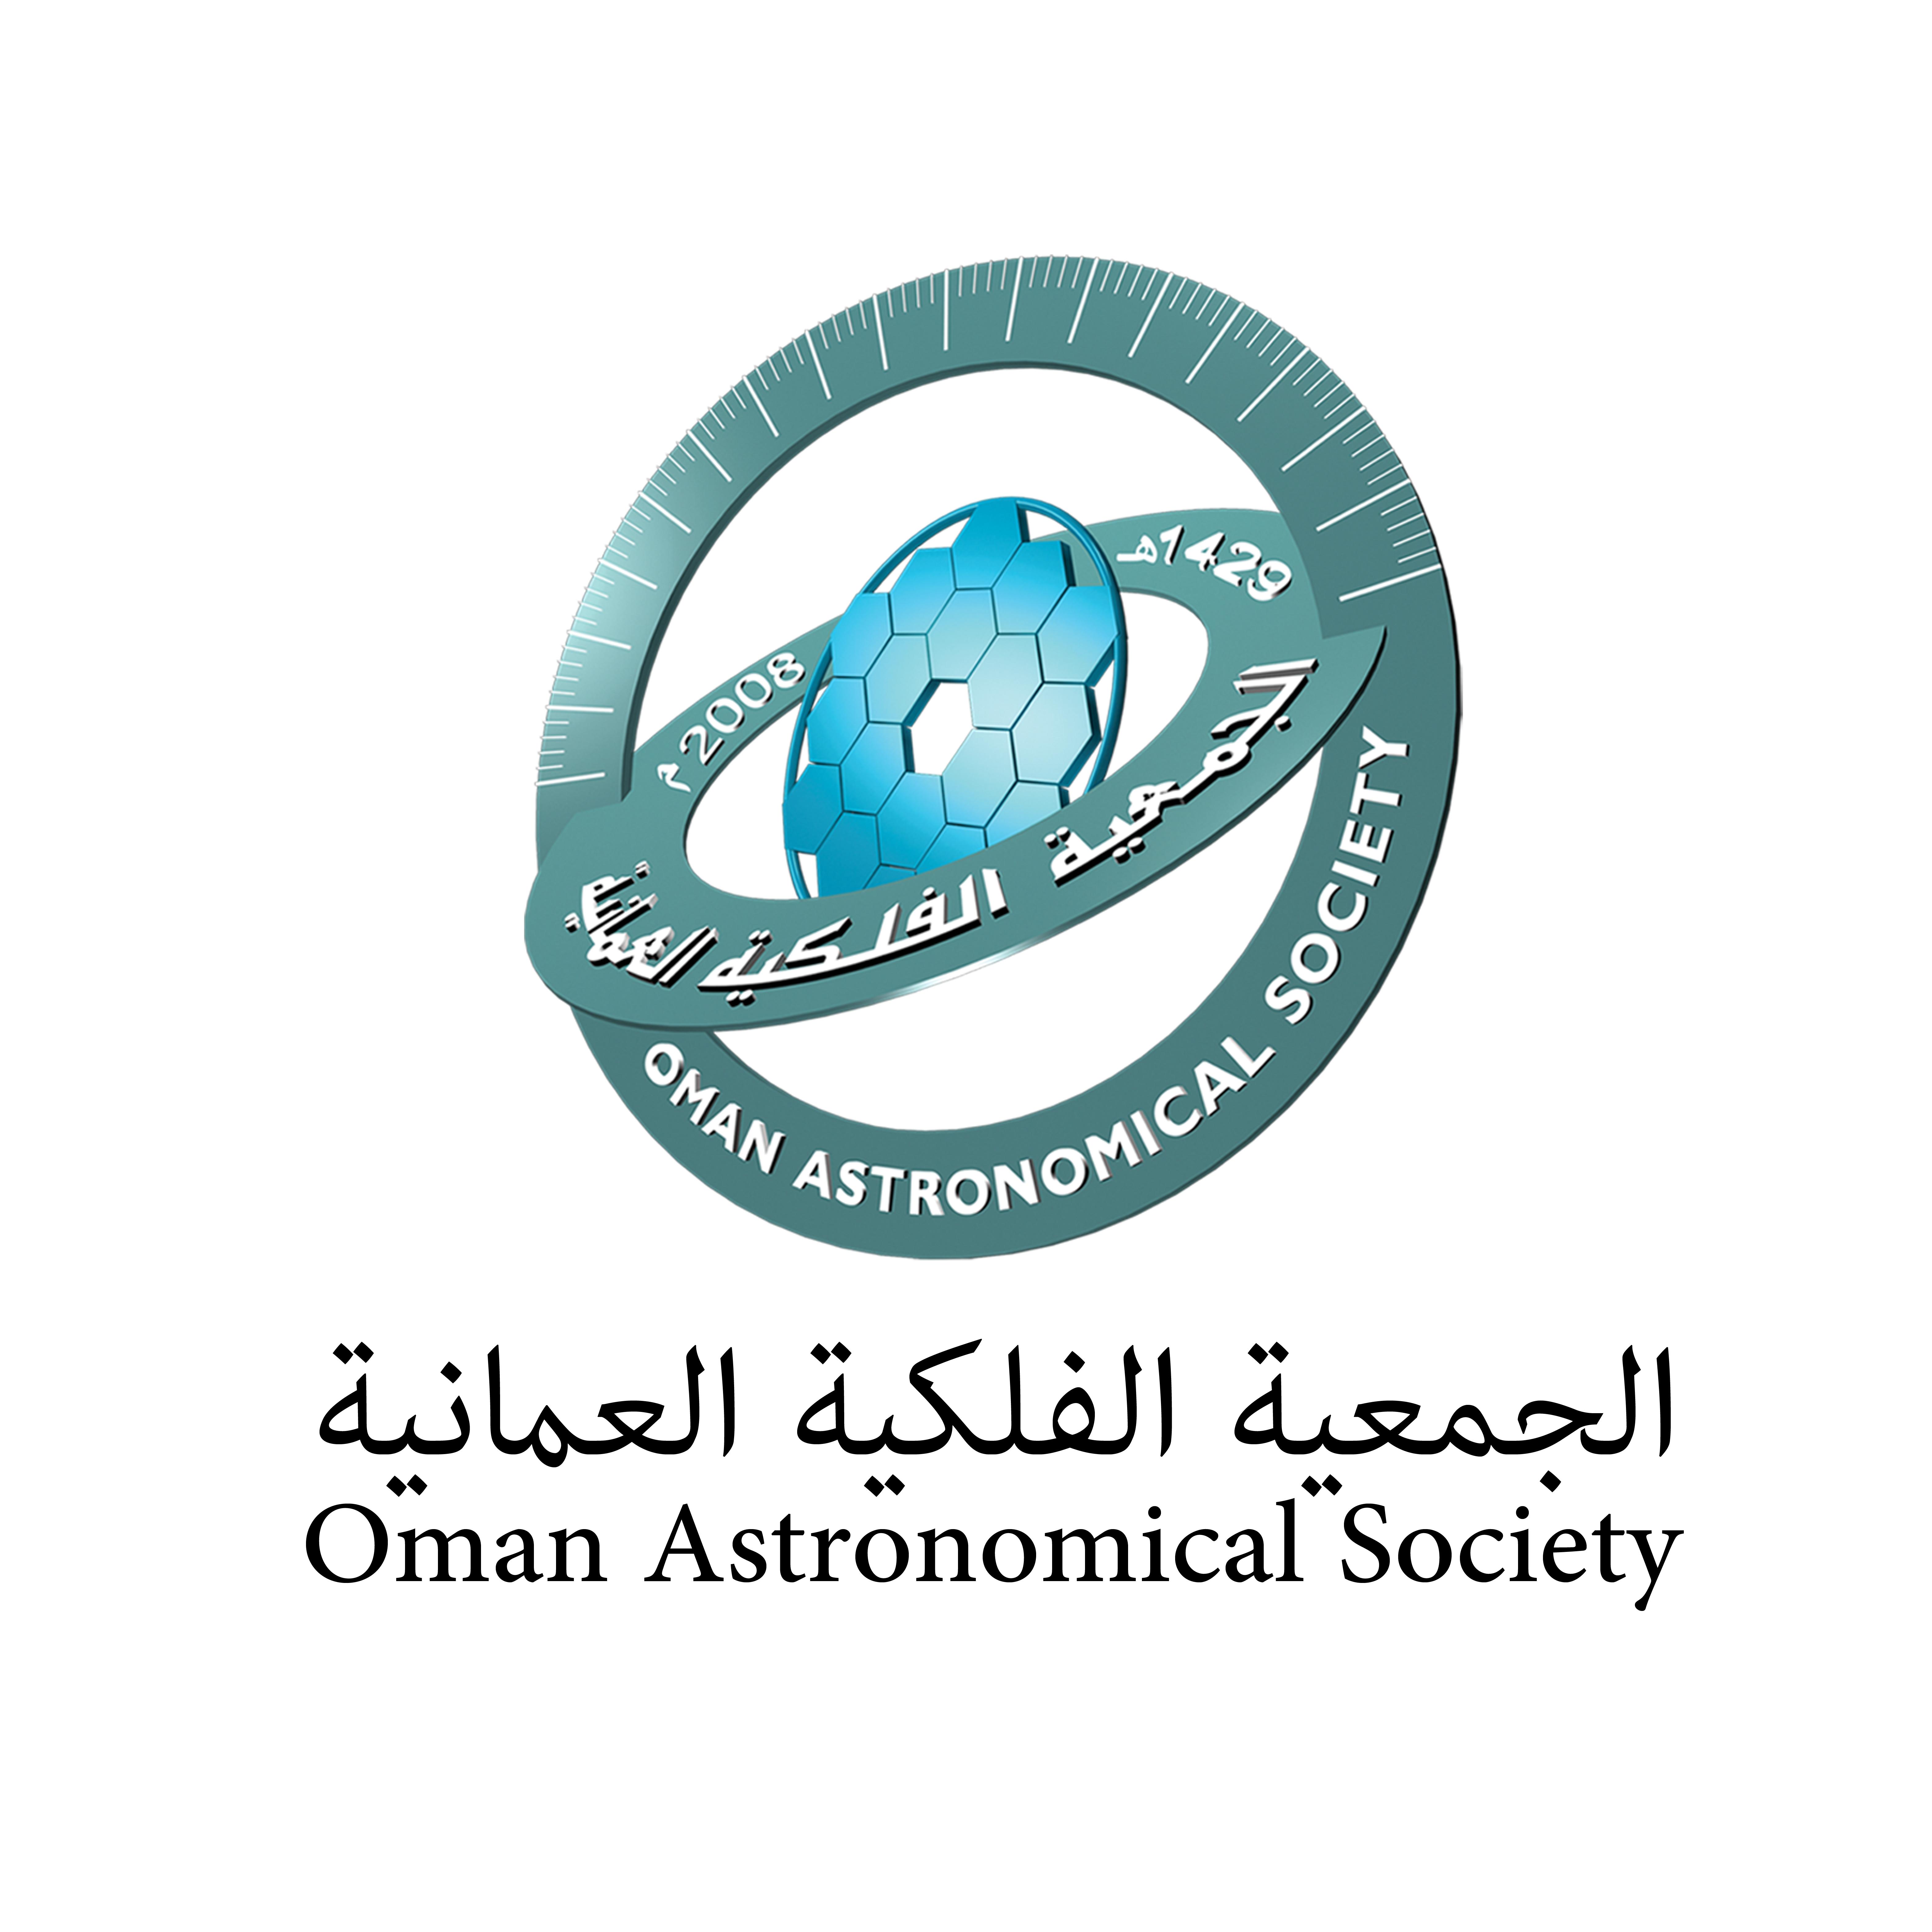 الفلكية العمانية تعلن عن برامج مشروع الكسوف الحَلَقي